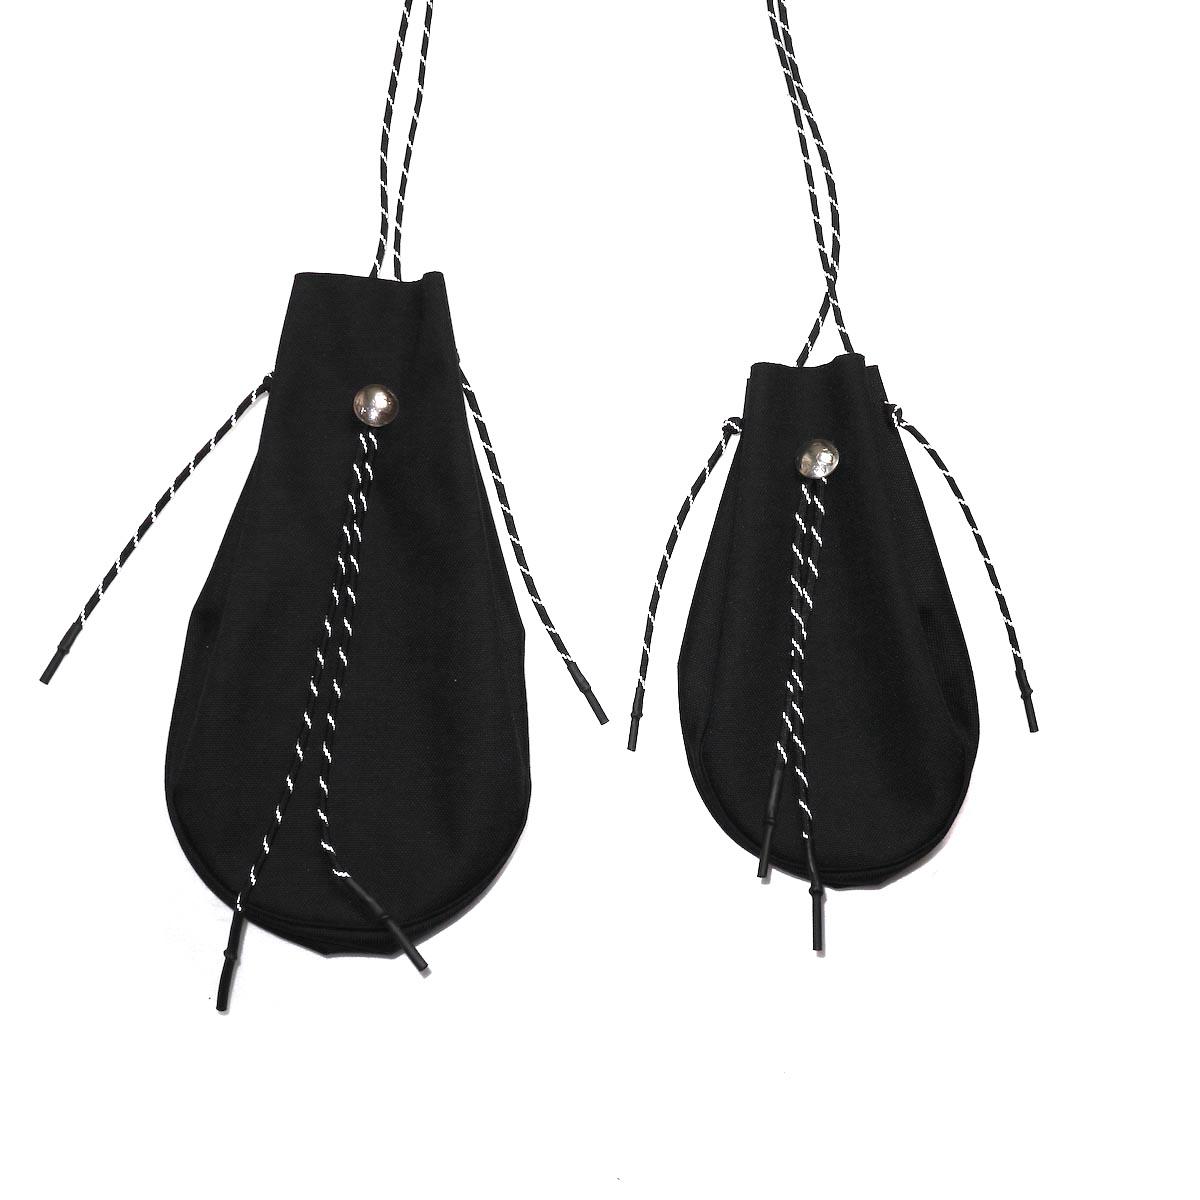 吉岡衣料店 / drawstring bag -S-. w/concho. (White)  LとSの比較